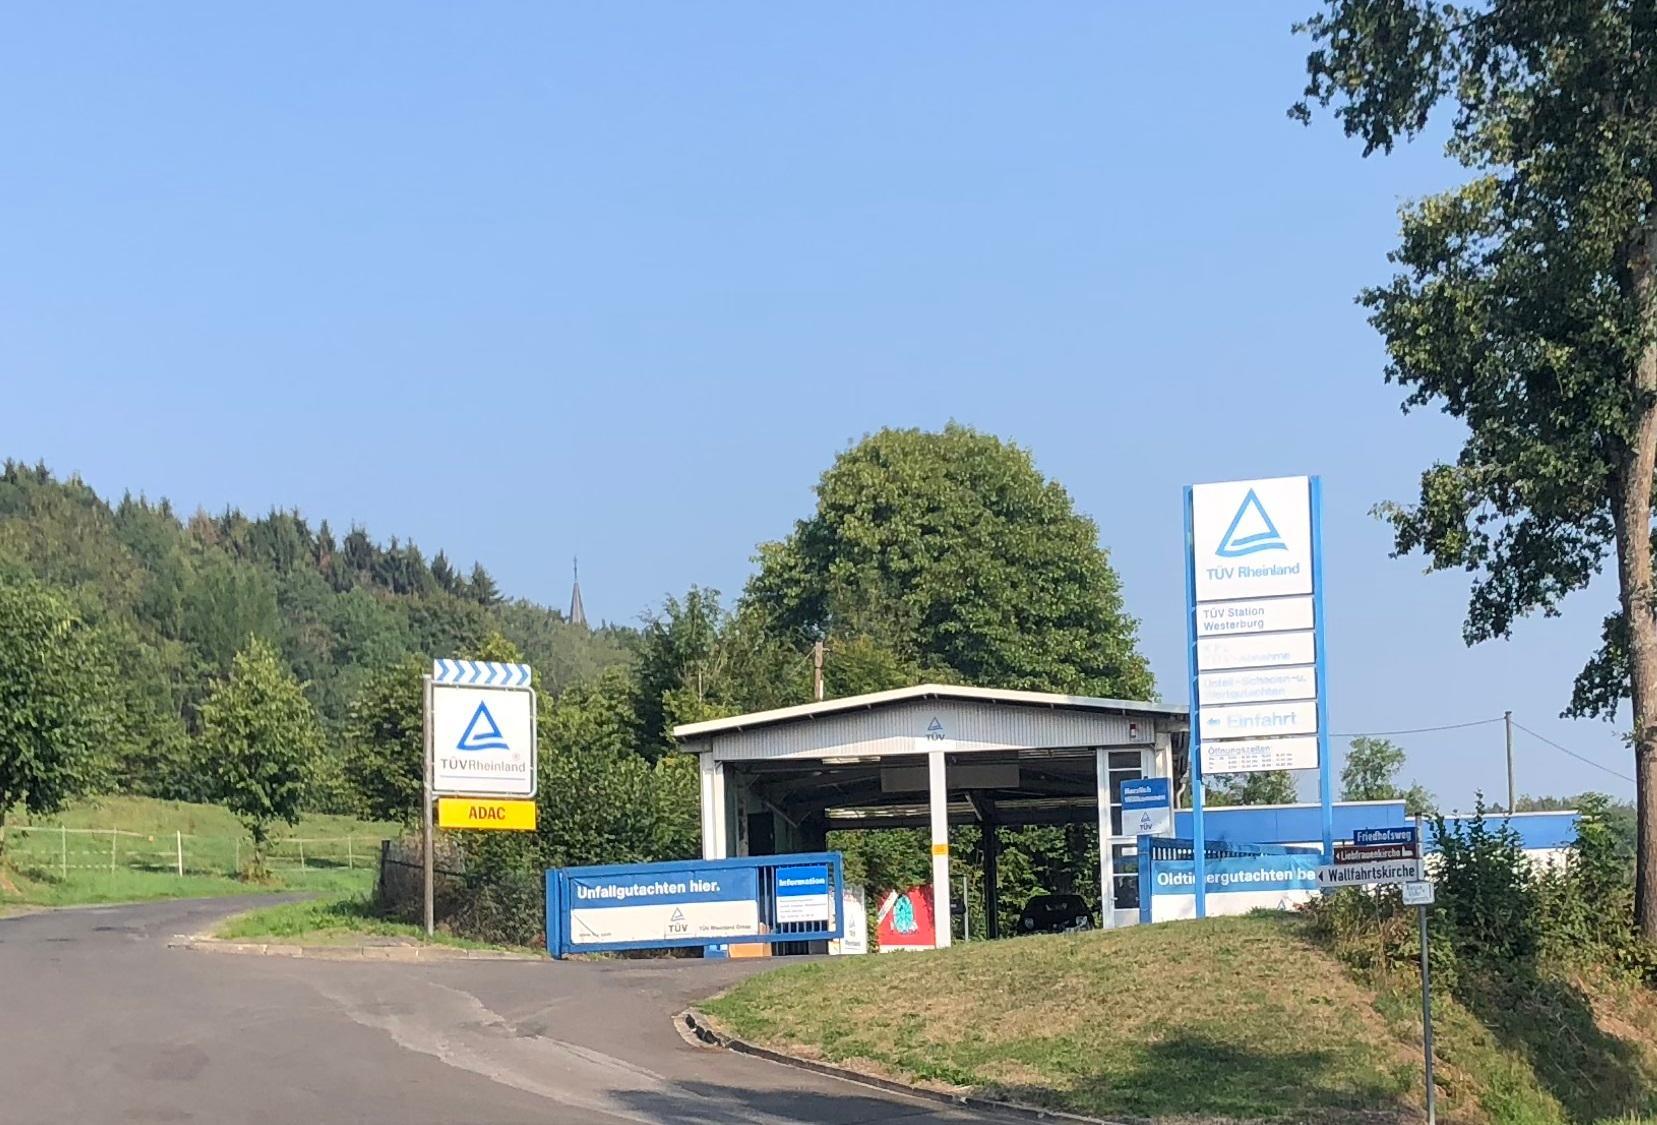 TÜV Rheinland Schaden- und Wertgutachten GmbH Westerburg